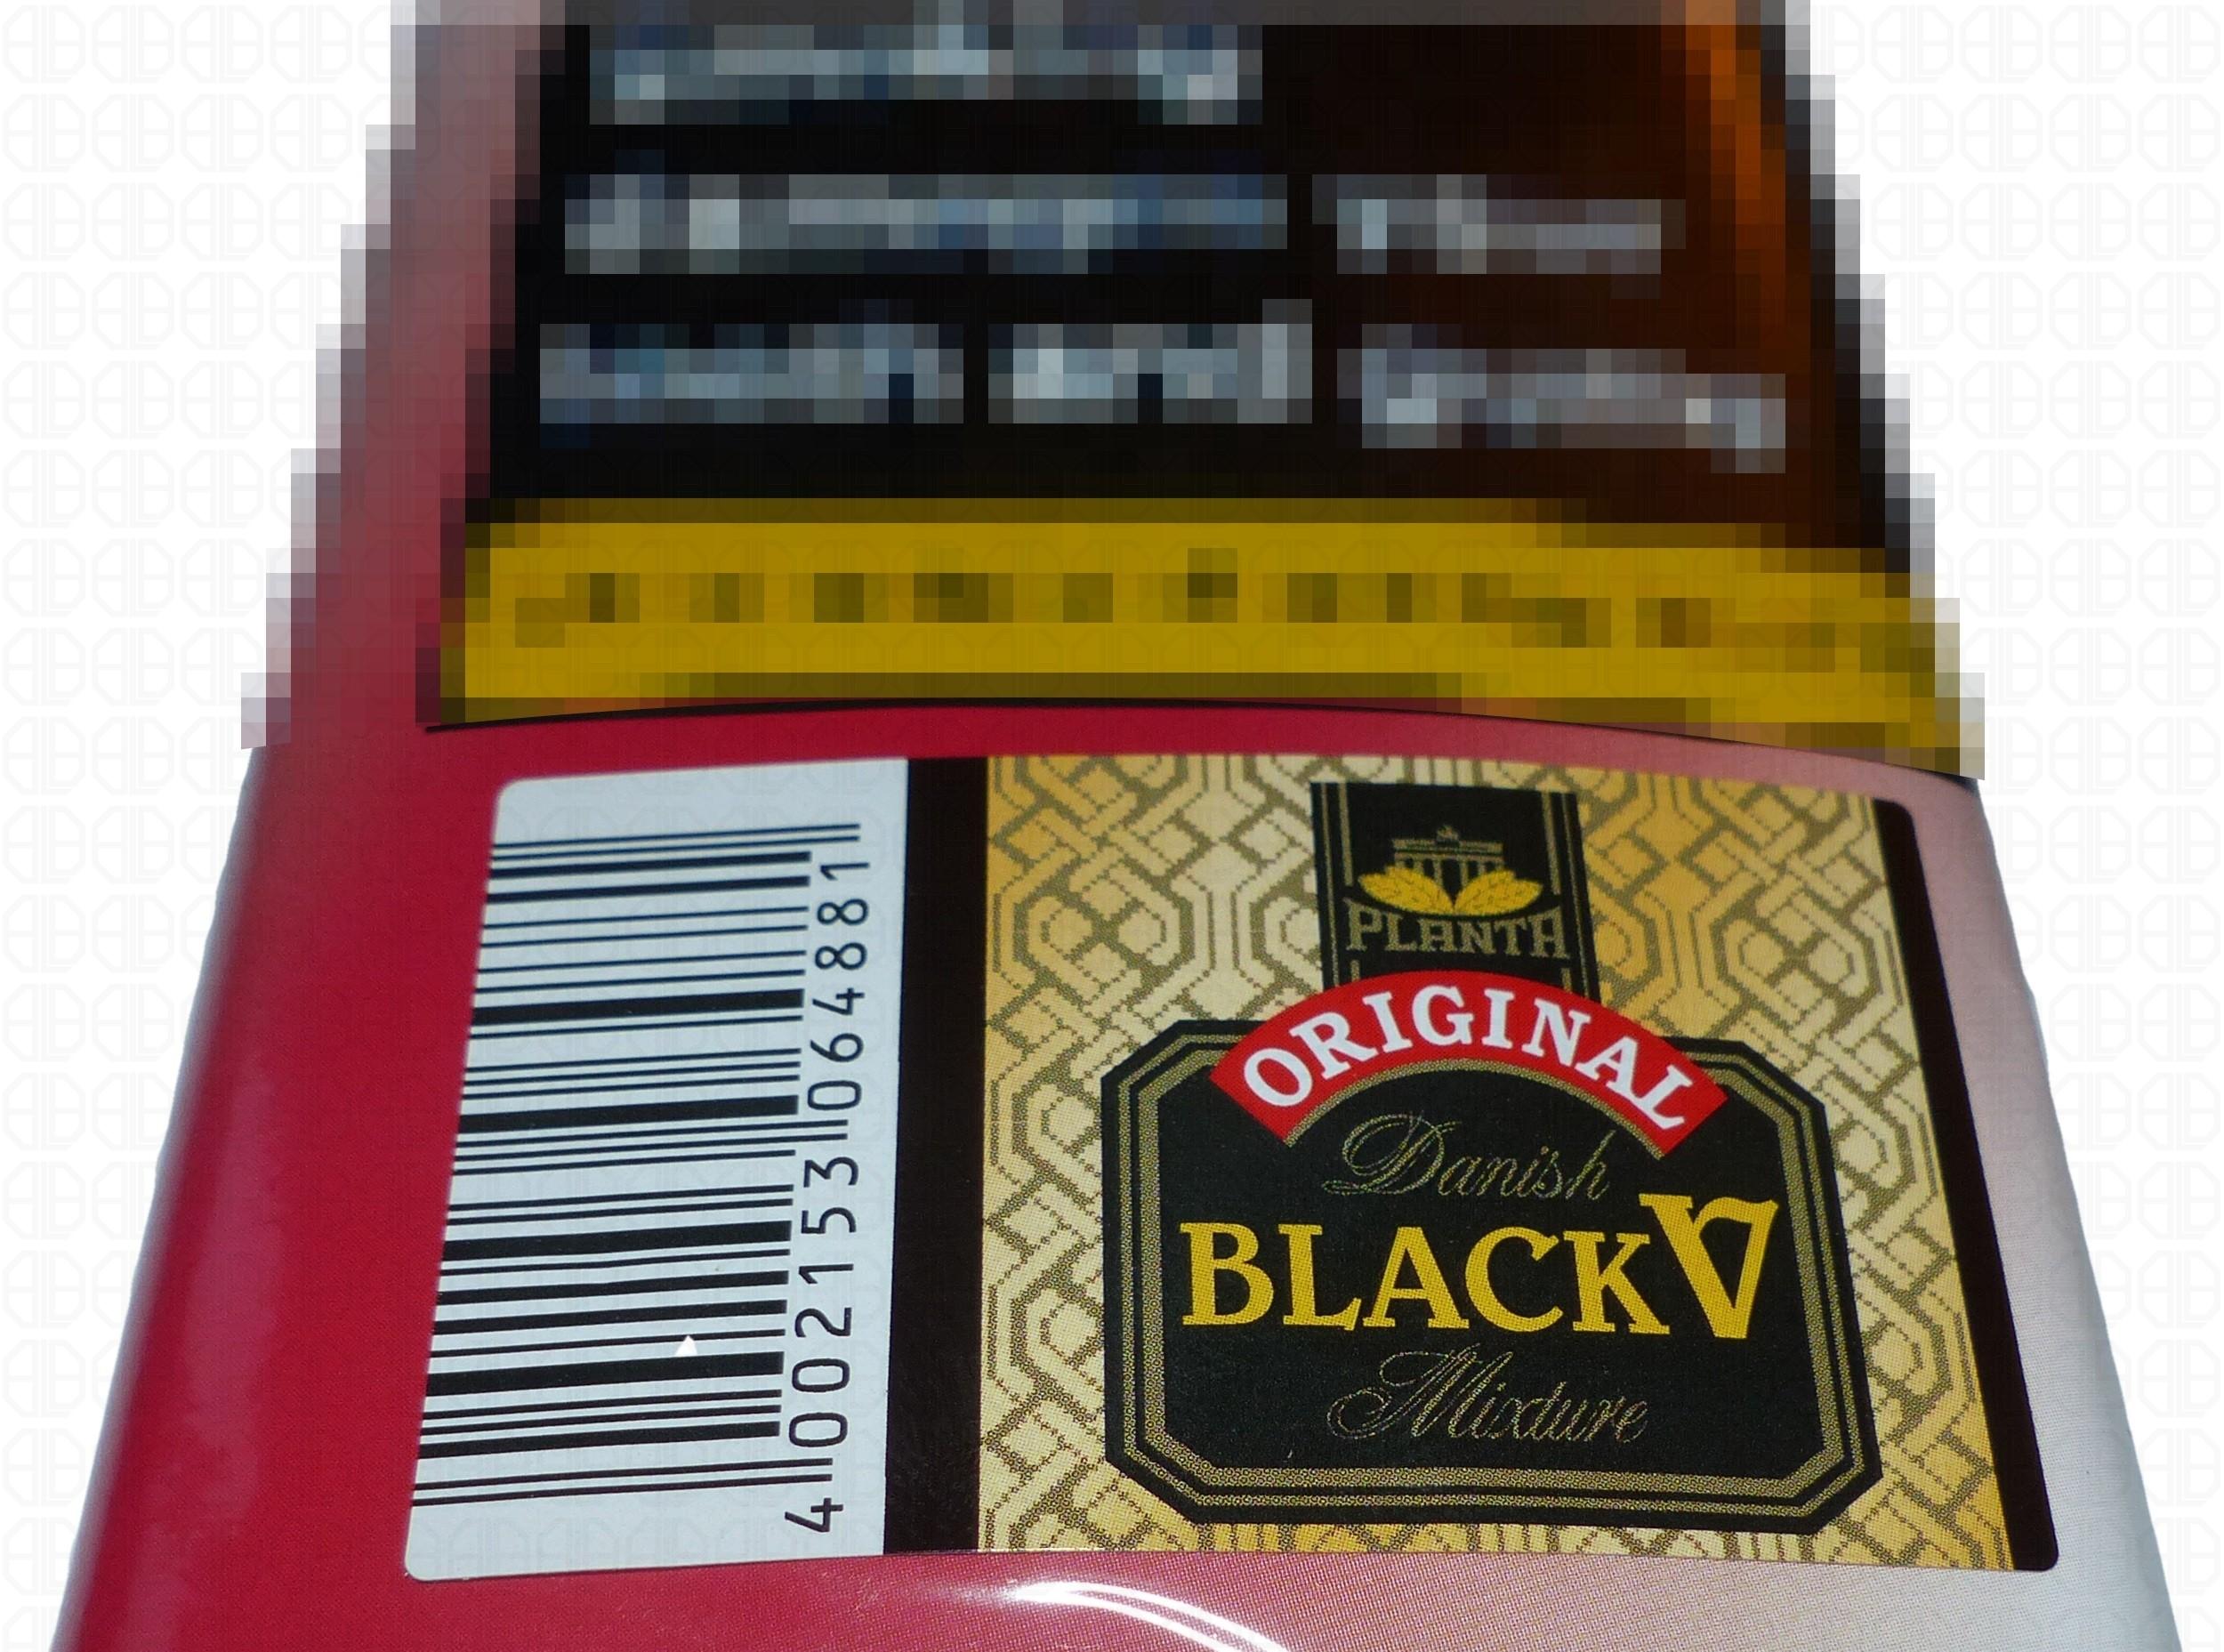 Planta Danish Black Vanilla Mixture (40g)